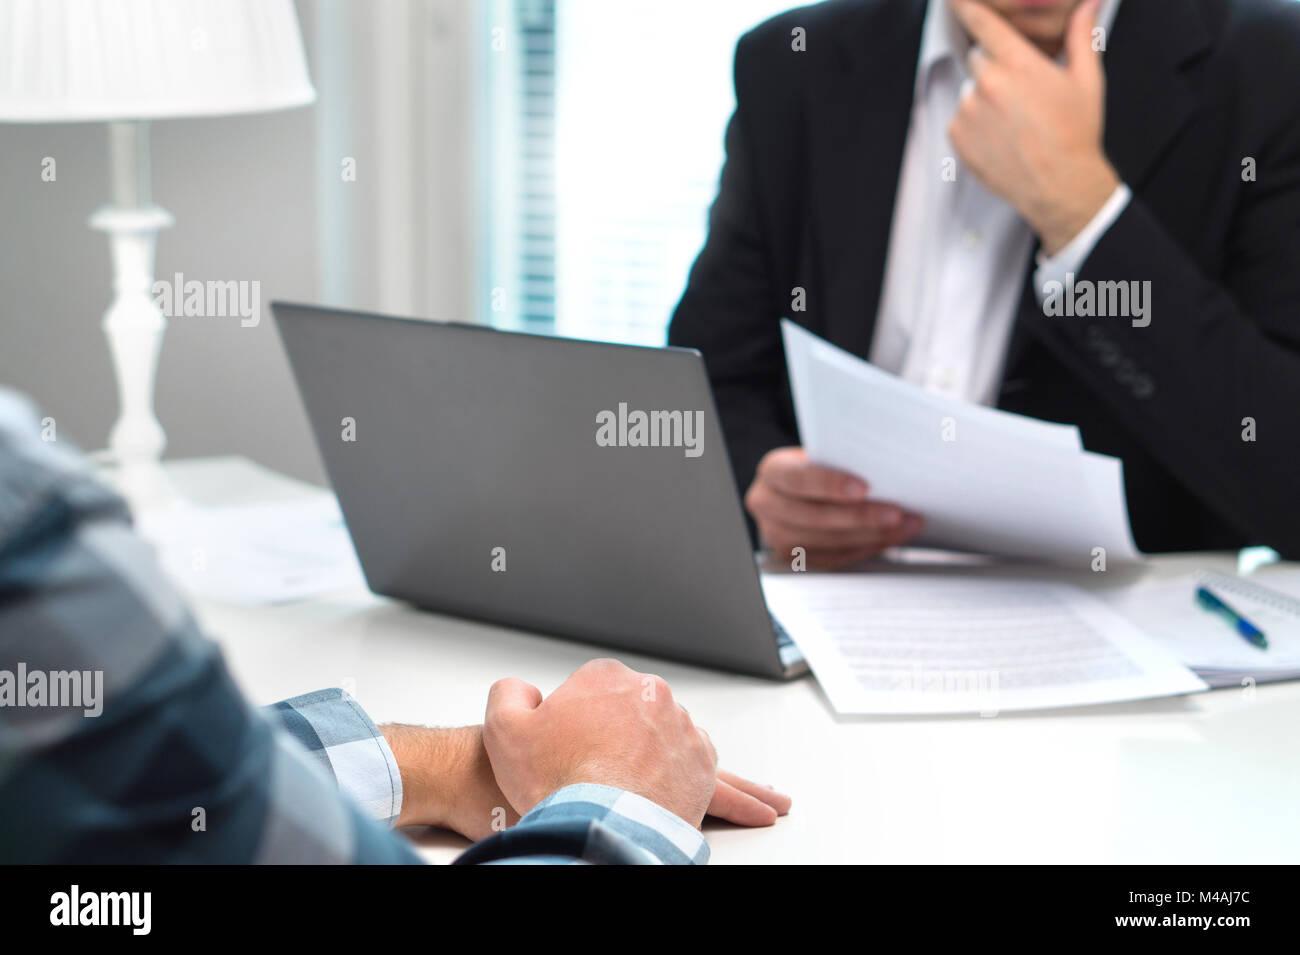 Entrevista de trabajo o una reunión con el banco trabajador de oficina. Hombre de negocios considerando. Discusión Imagen De Stock